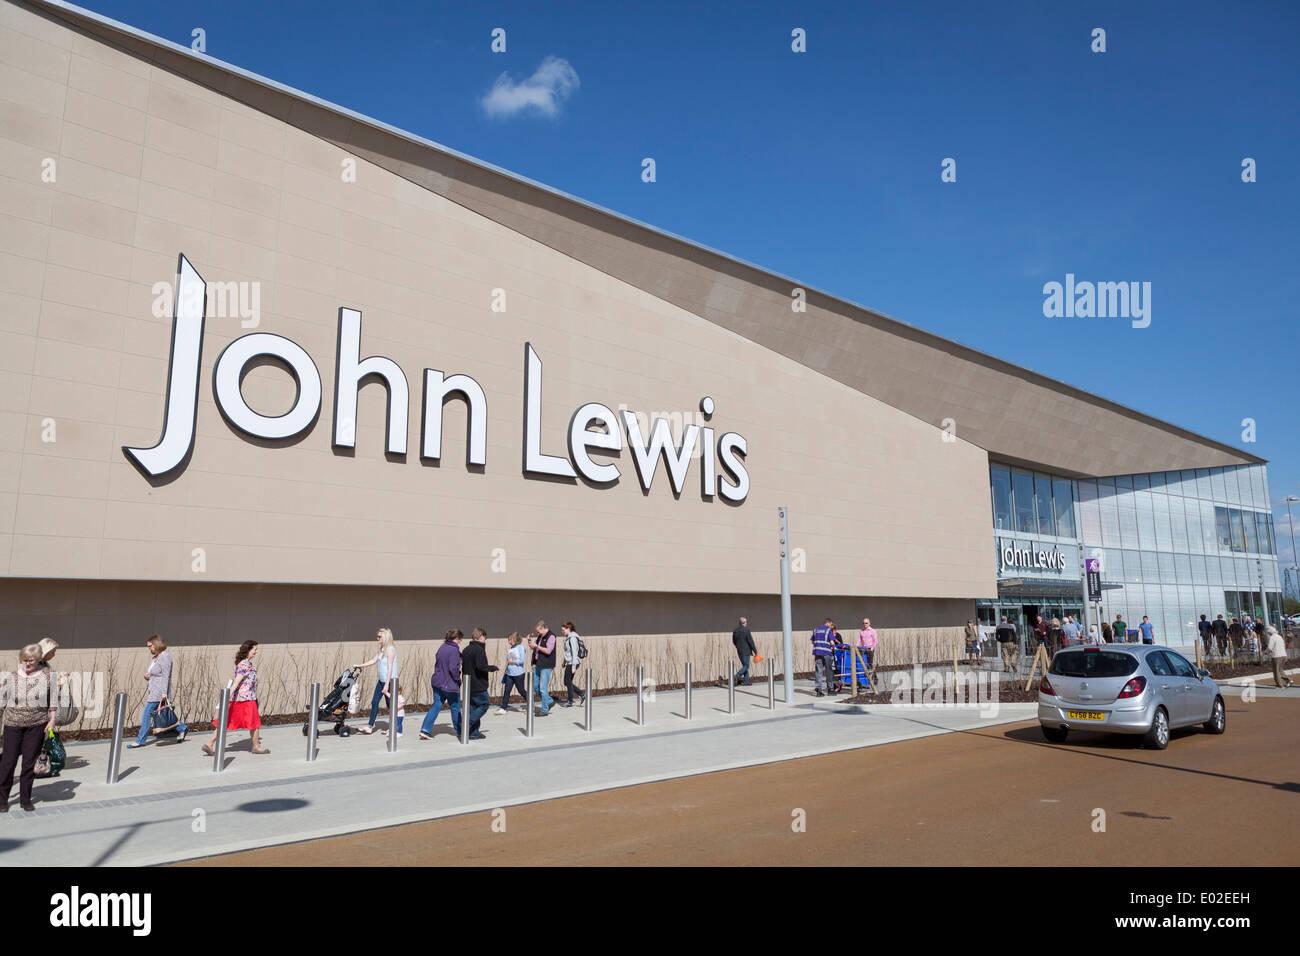 John Lewis store in York, UK - Stock Image